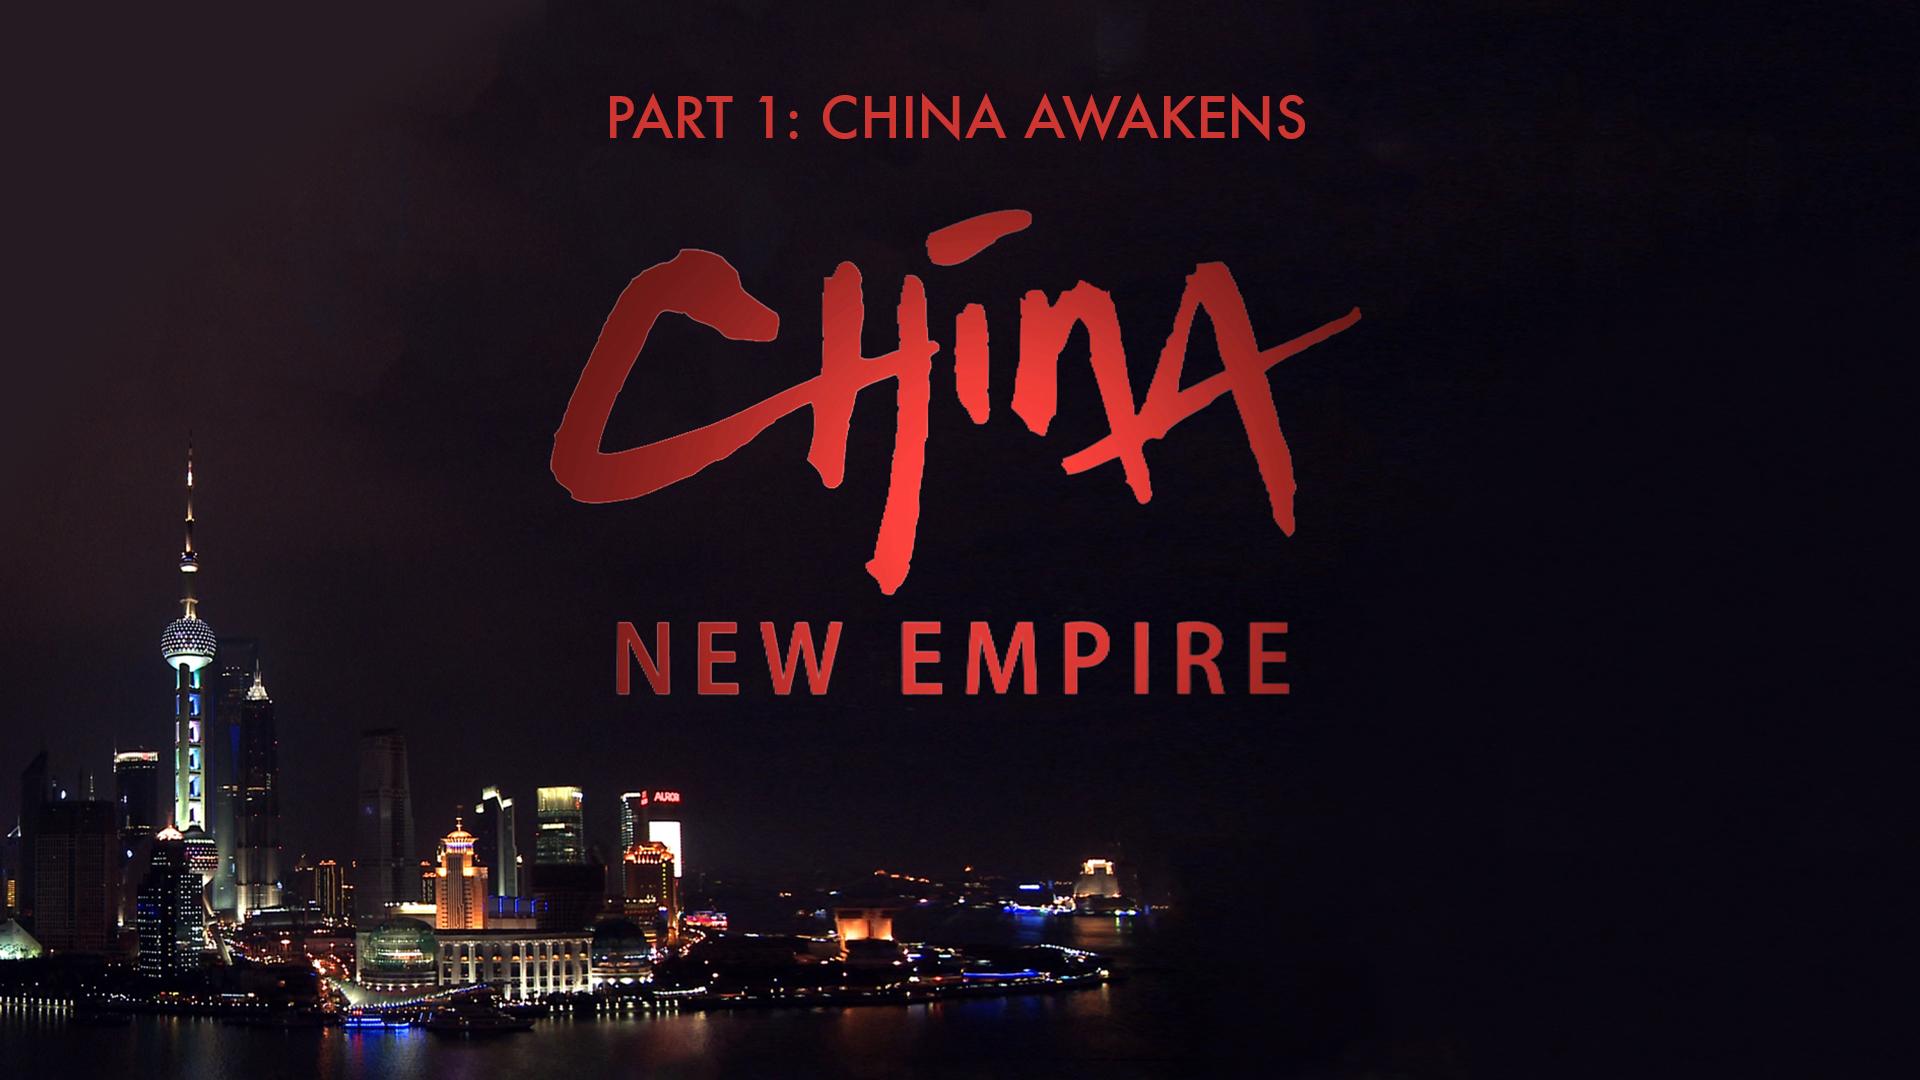 China New Empire - Part 1: China Awakens